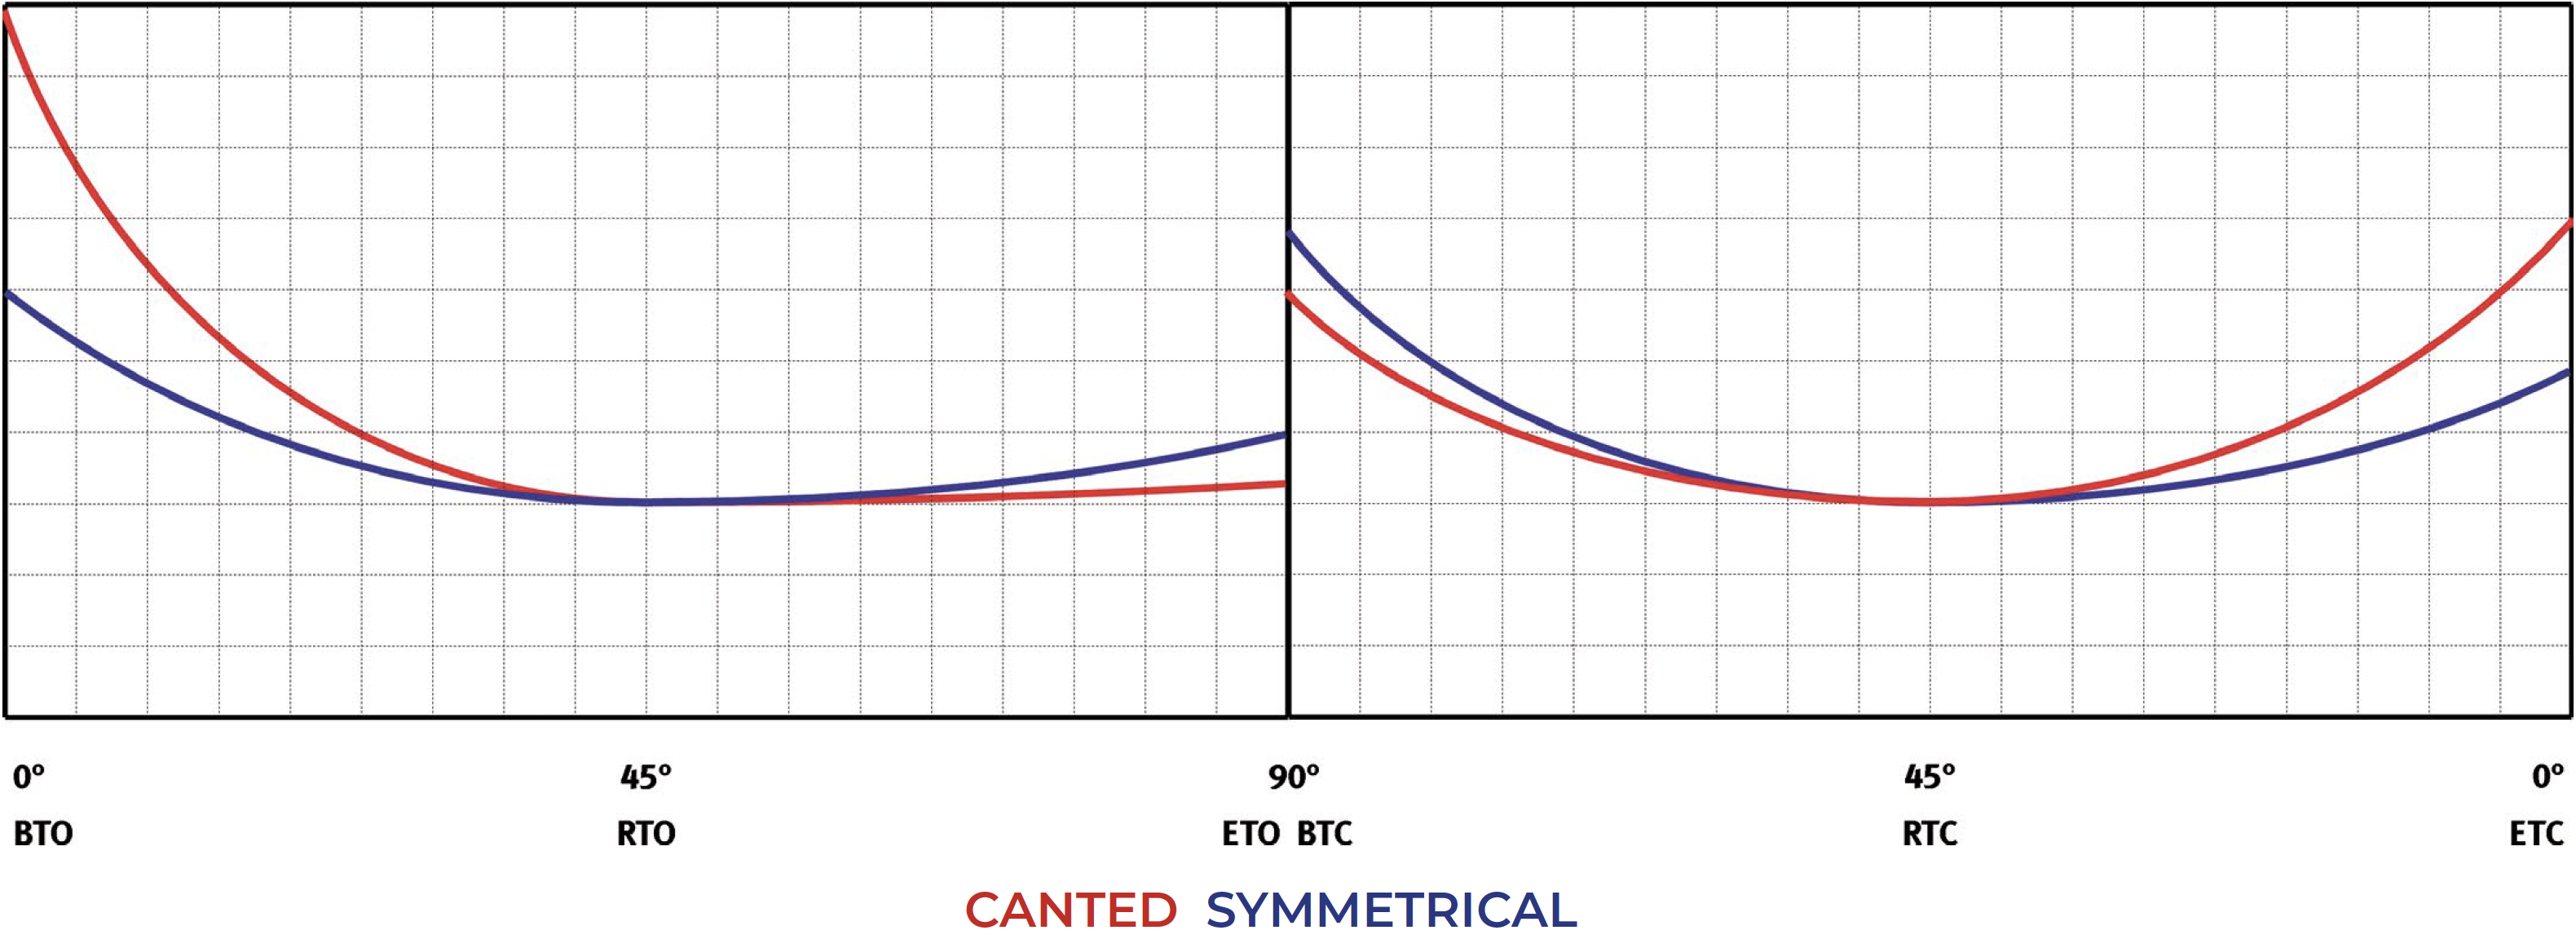 GS单效重载碳钢气动执行器 - 图表和起动扭矩  - 单效常开 - 扭矩图表(起动扭矩)